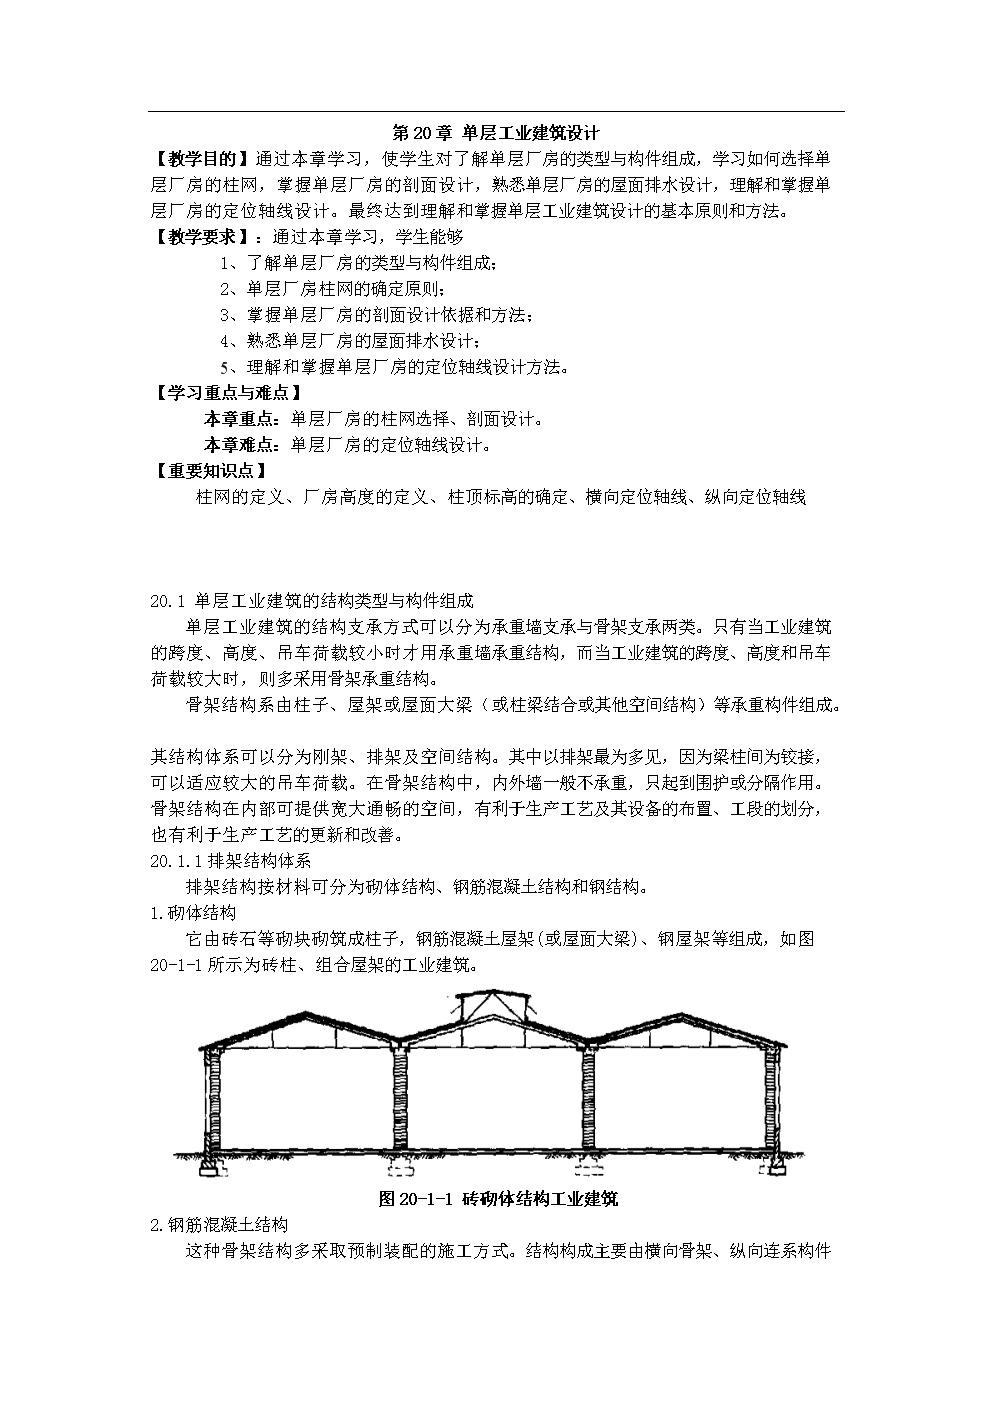 第20章-单层工业建筑设计.doc